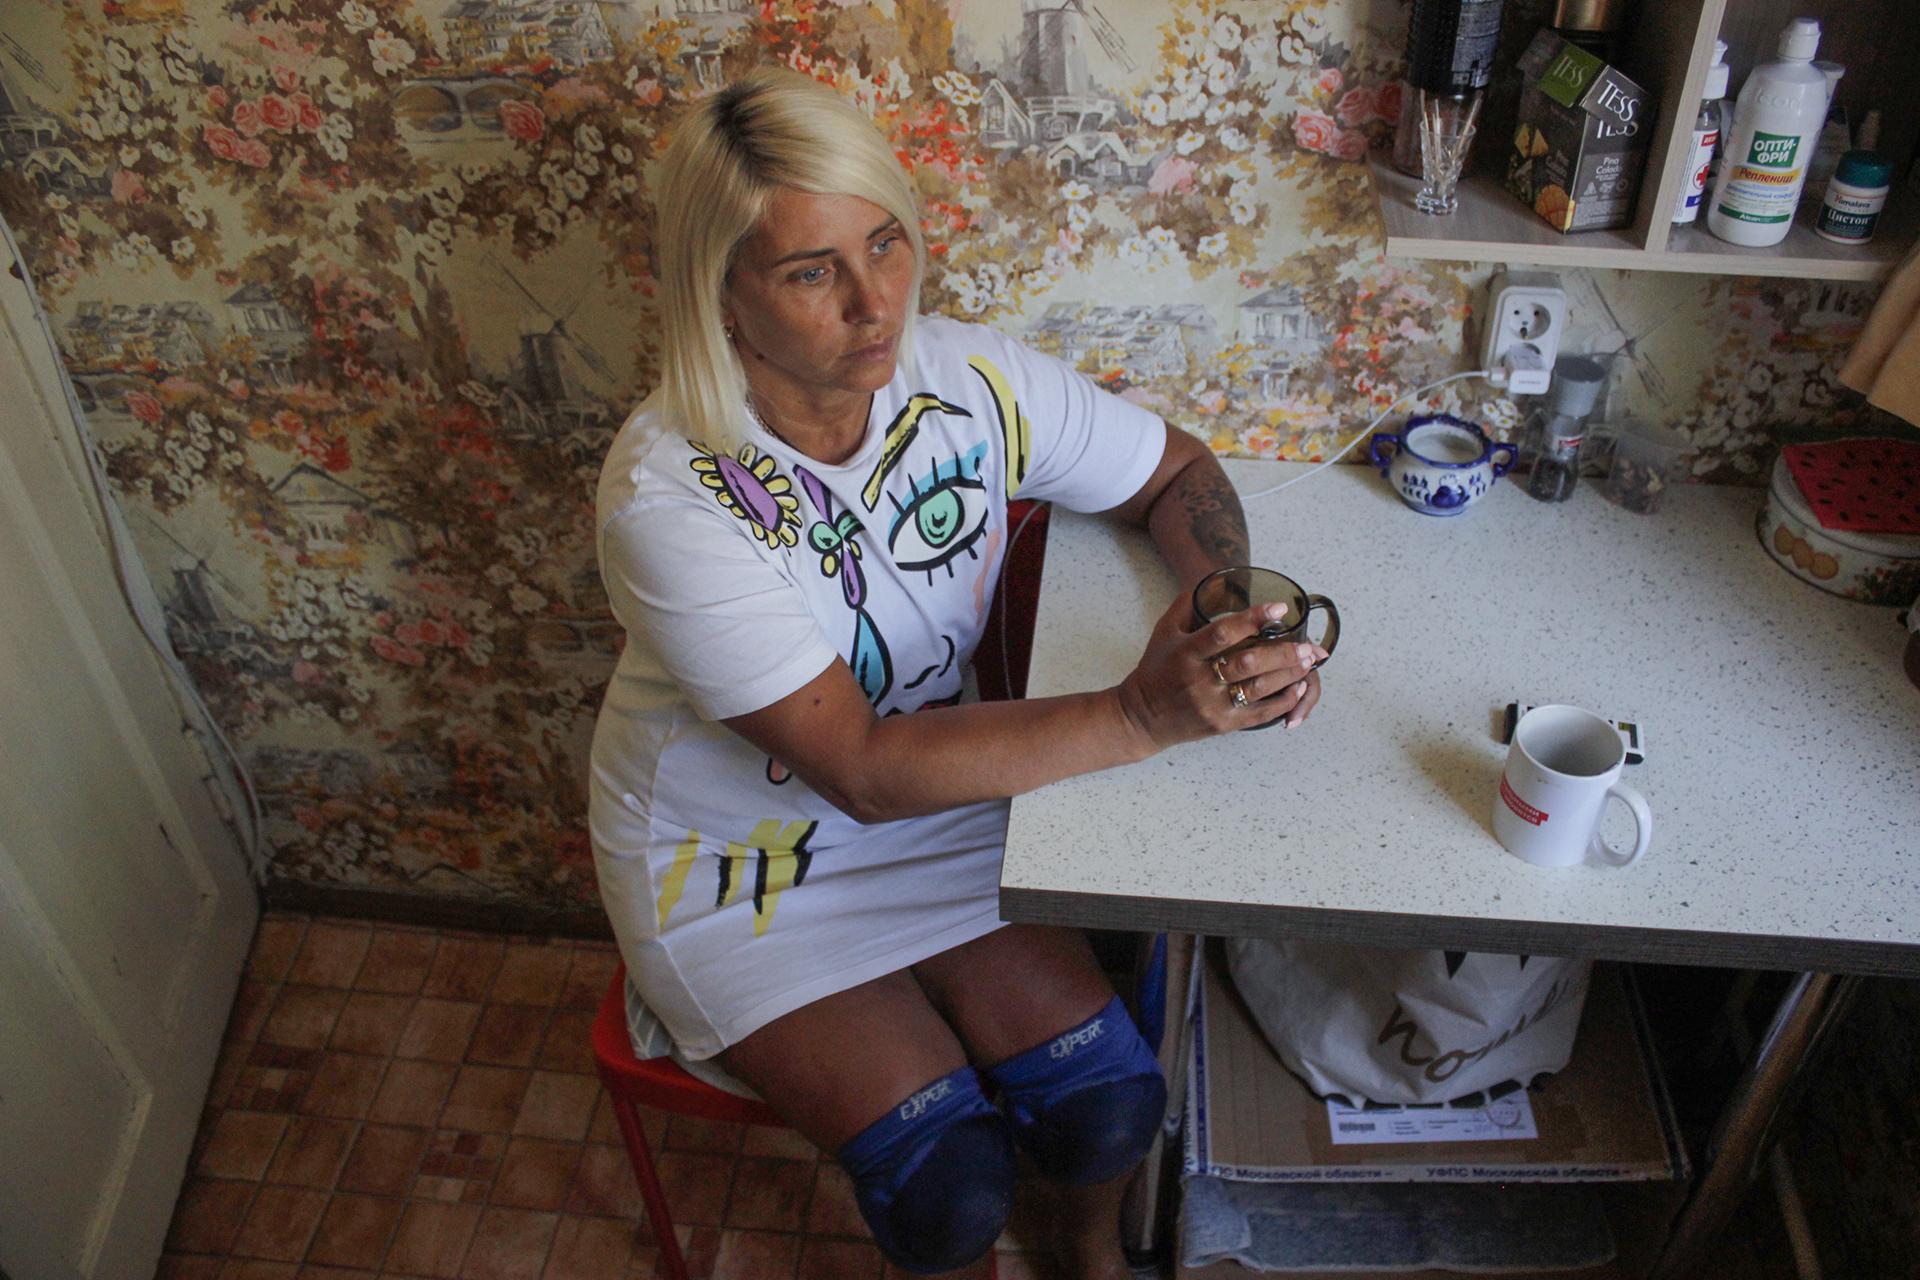 С первым мужем Анжелика прожила 15 лет — он трагически погиб, несчастный случай